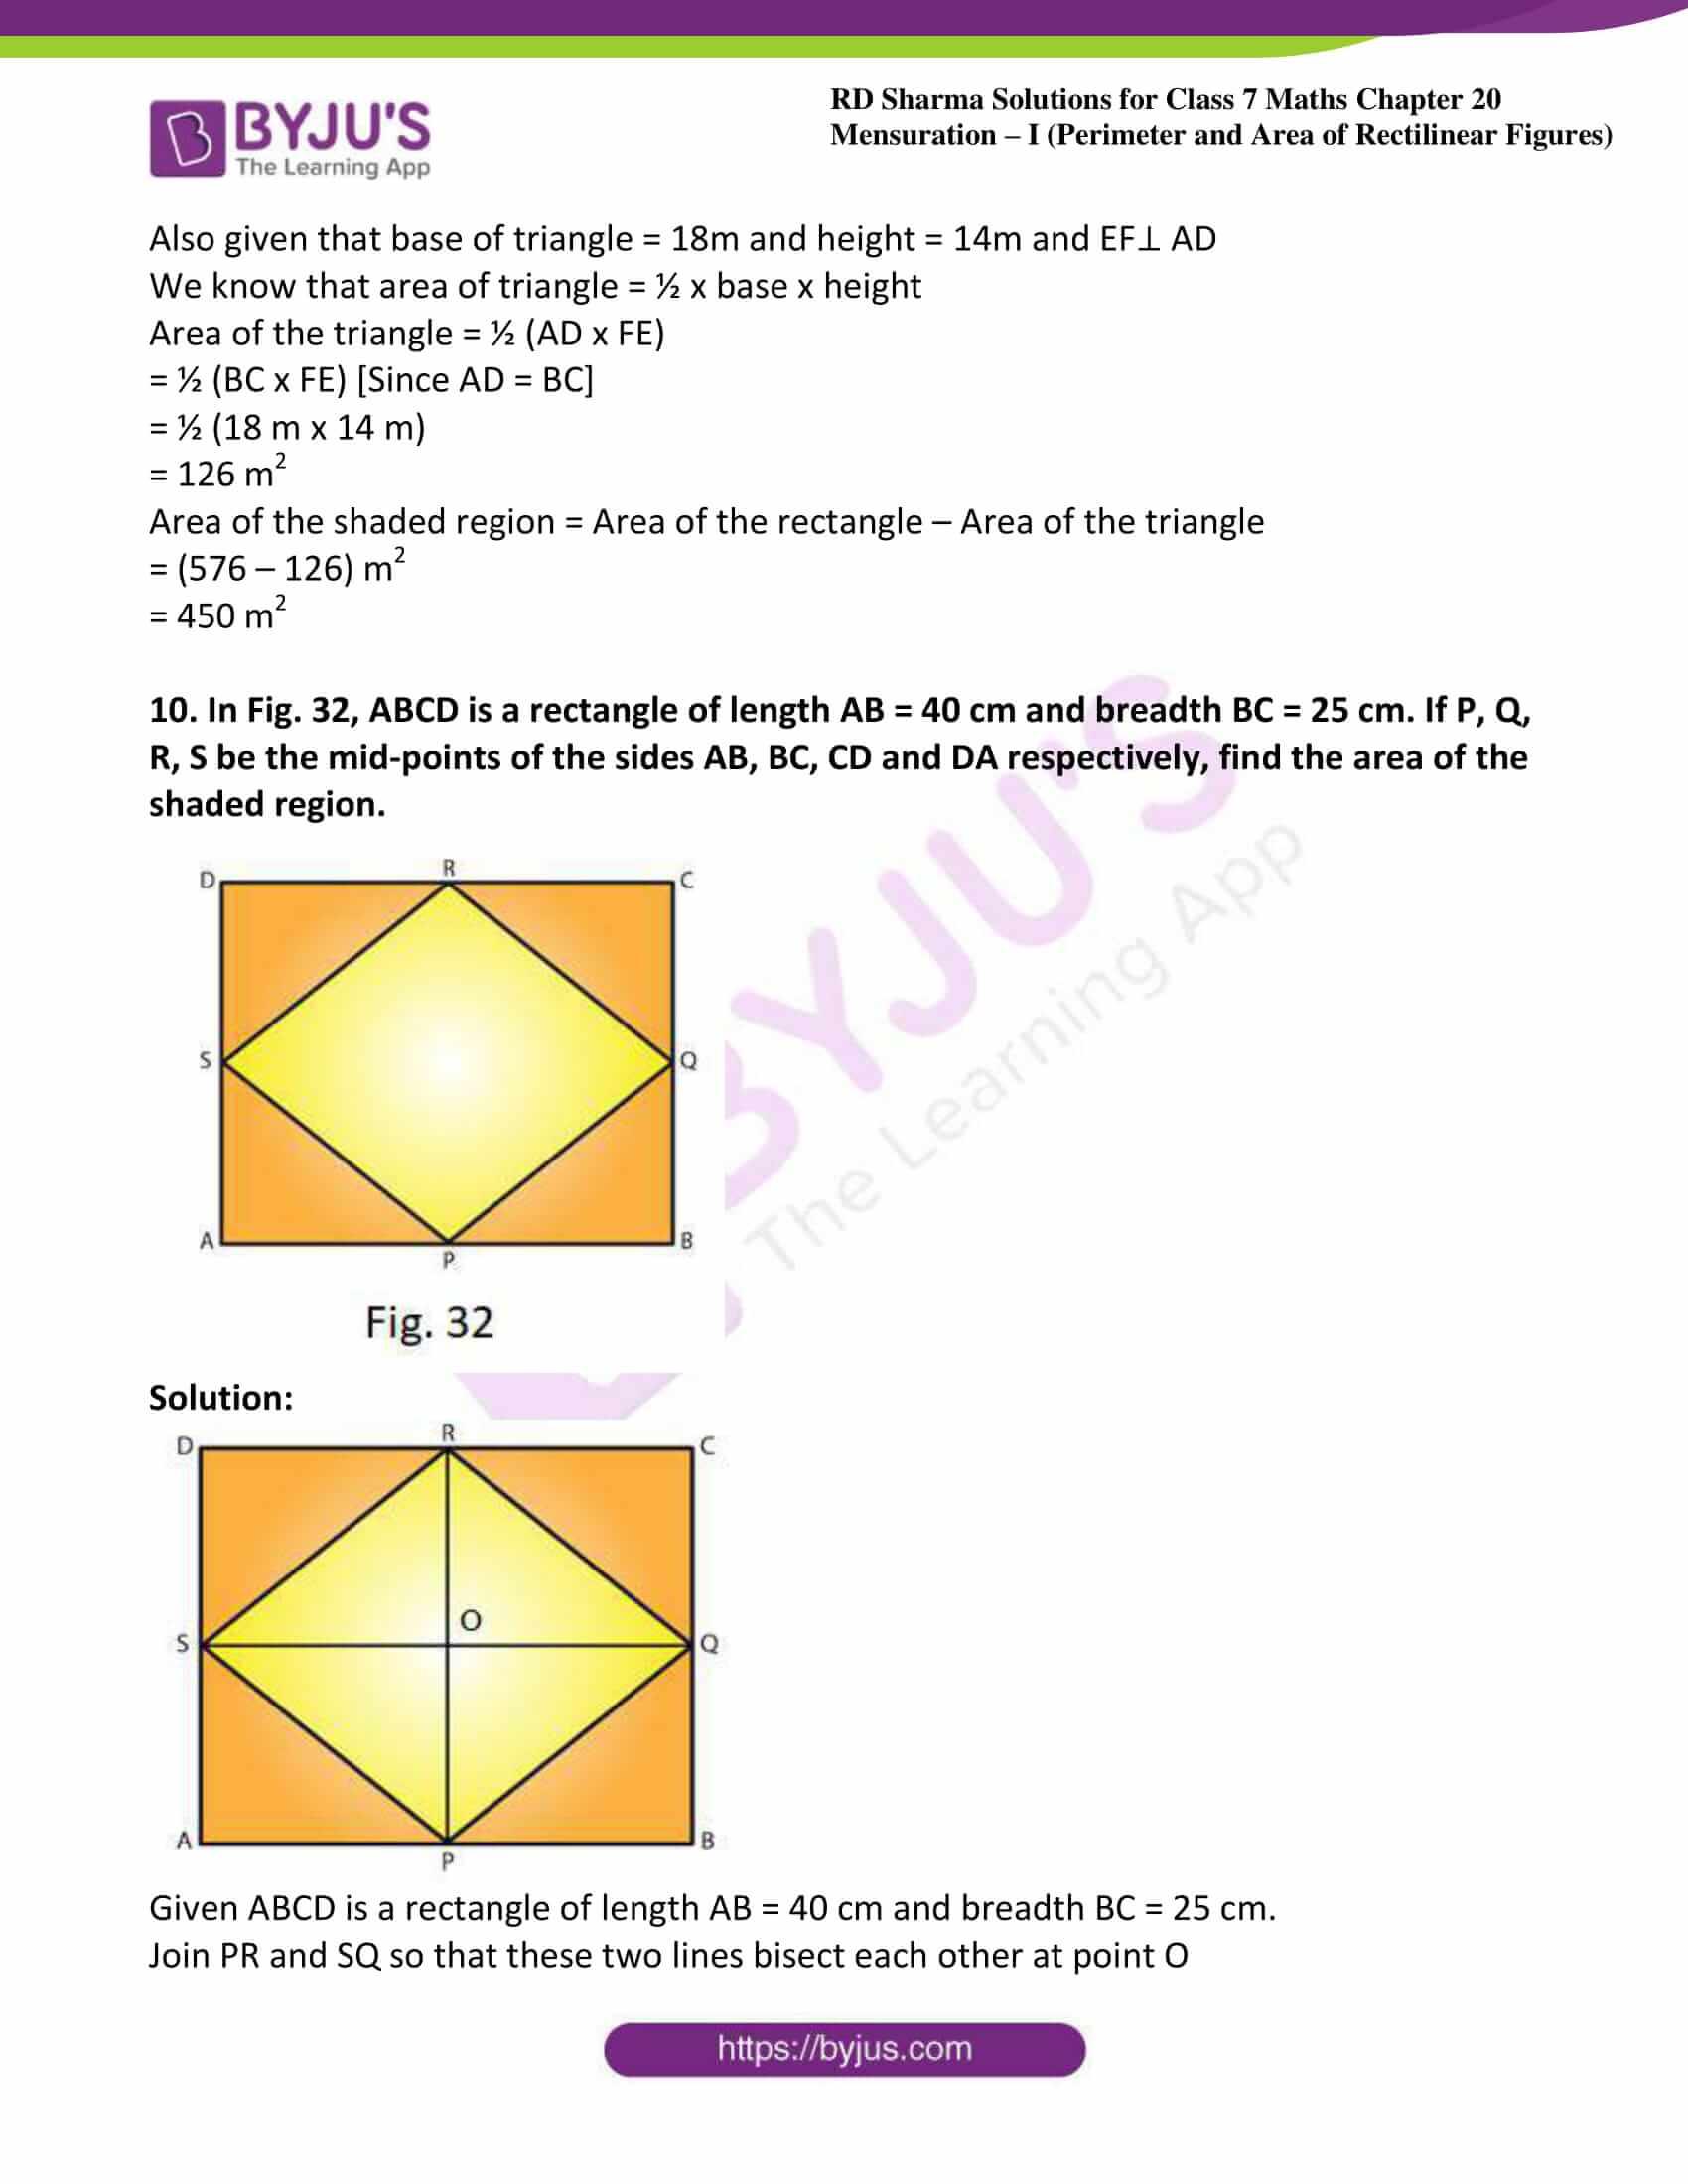 rd sharma maths class7 solution chapter 20 ex 4 05